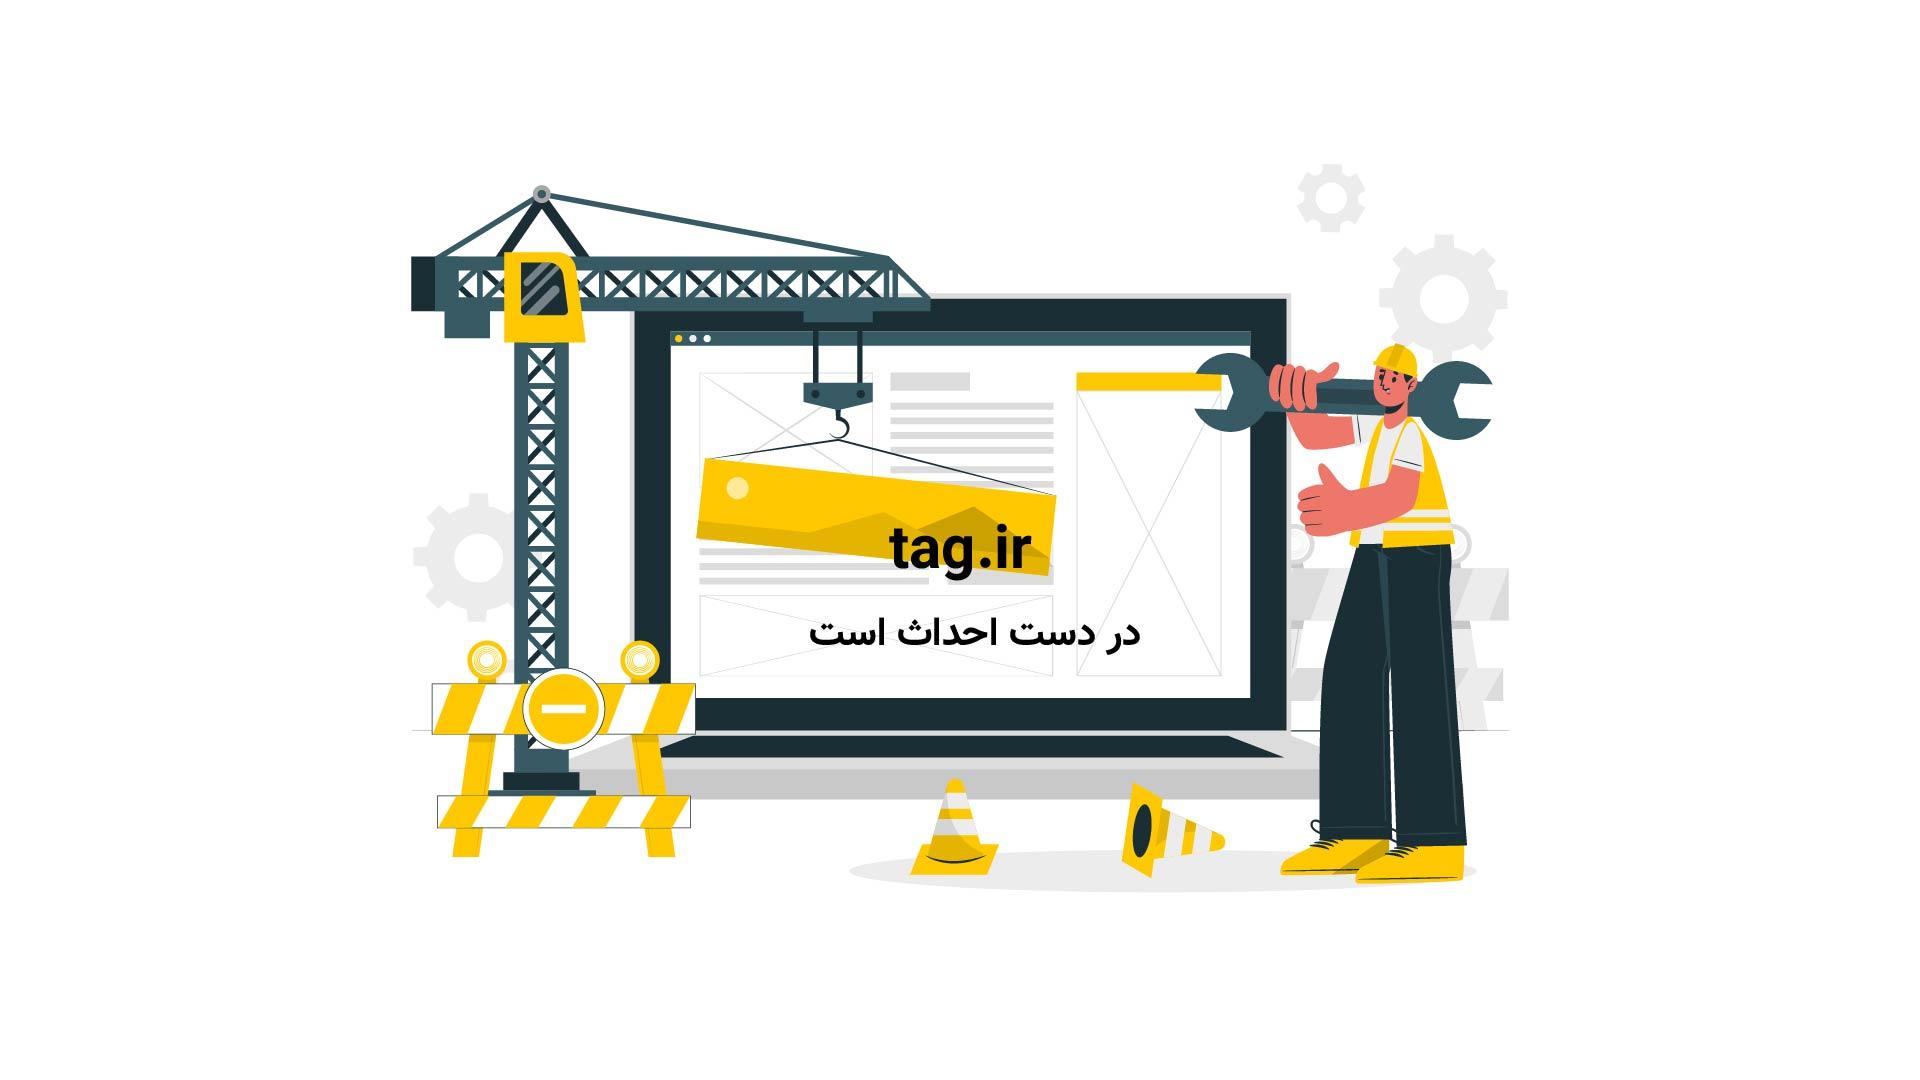 داریوش اسدزاده بازیگر تئاتر، سینما و تلویزیون درگذشت | فیلم